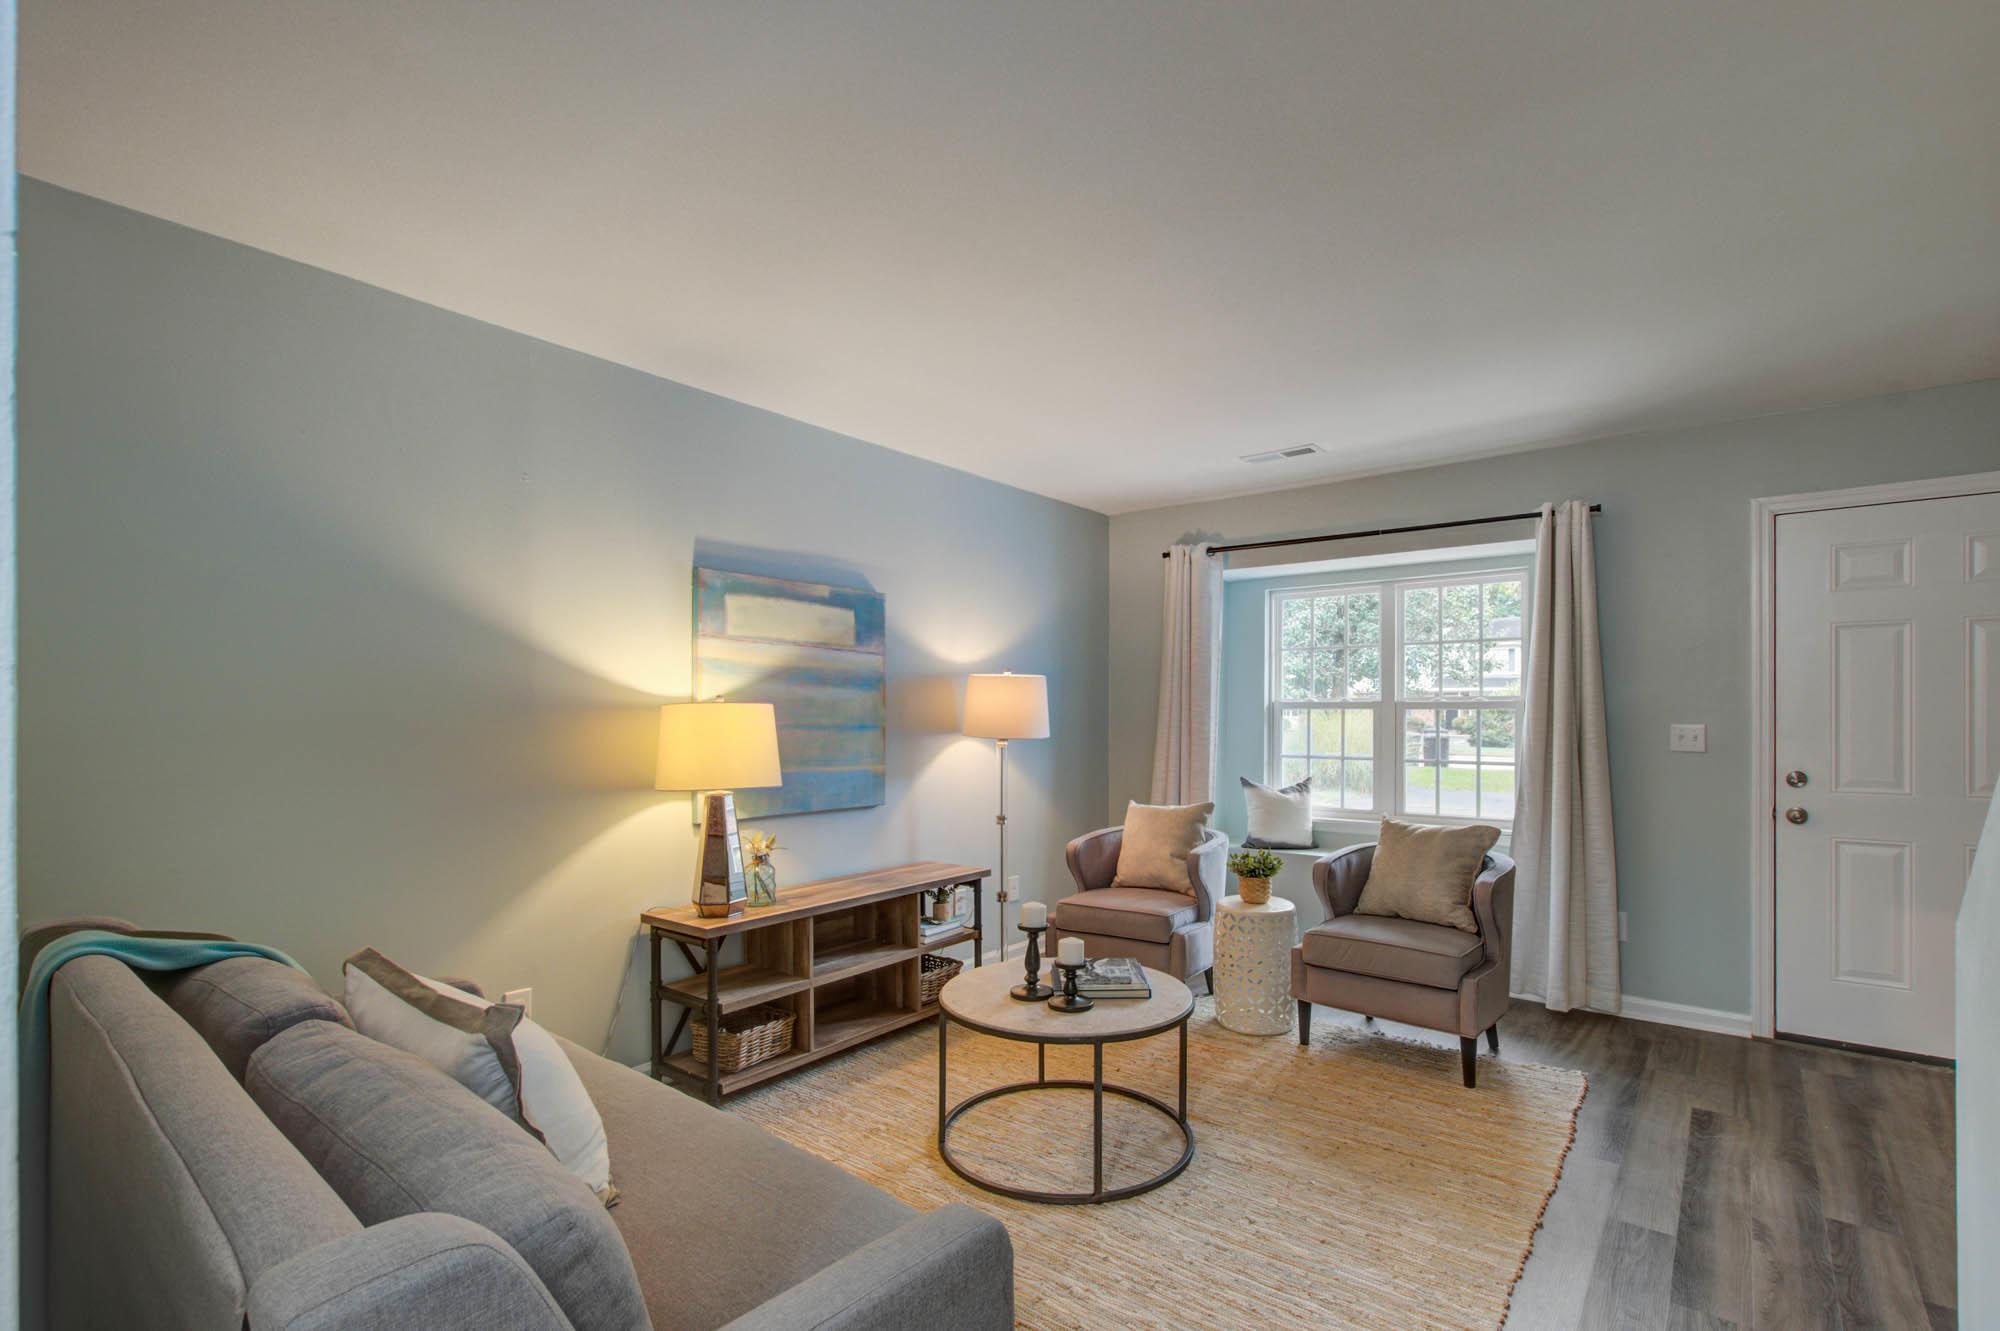 Wando East Homes For Sale - 1524 Nantahala, Mount Pleasant, SC - 6